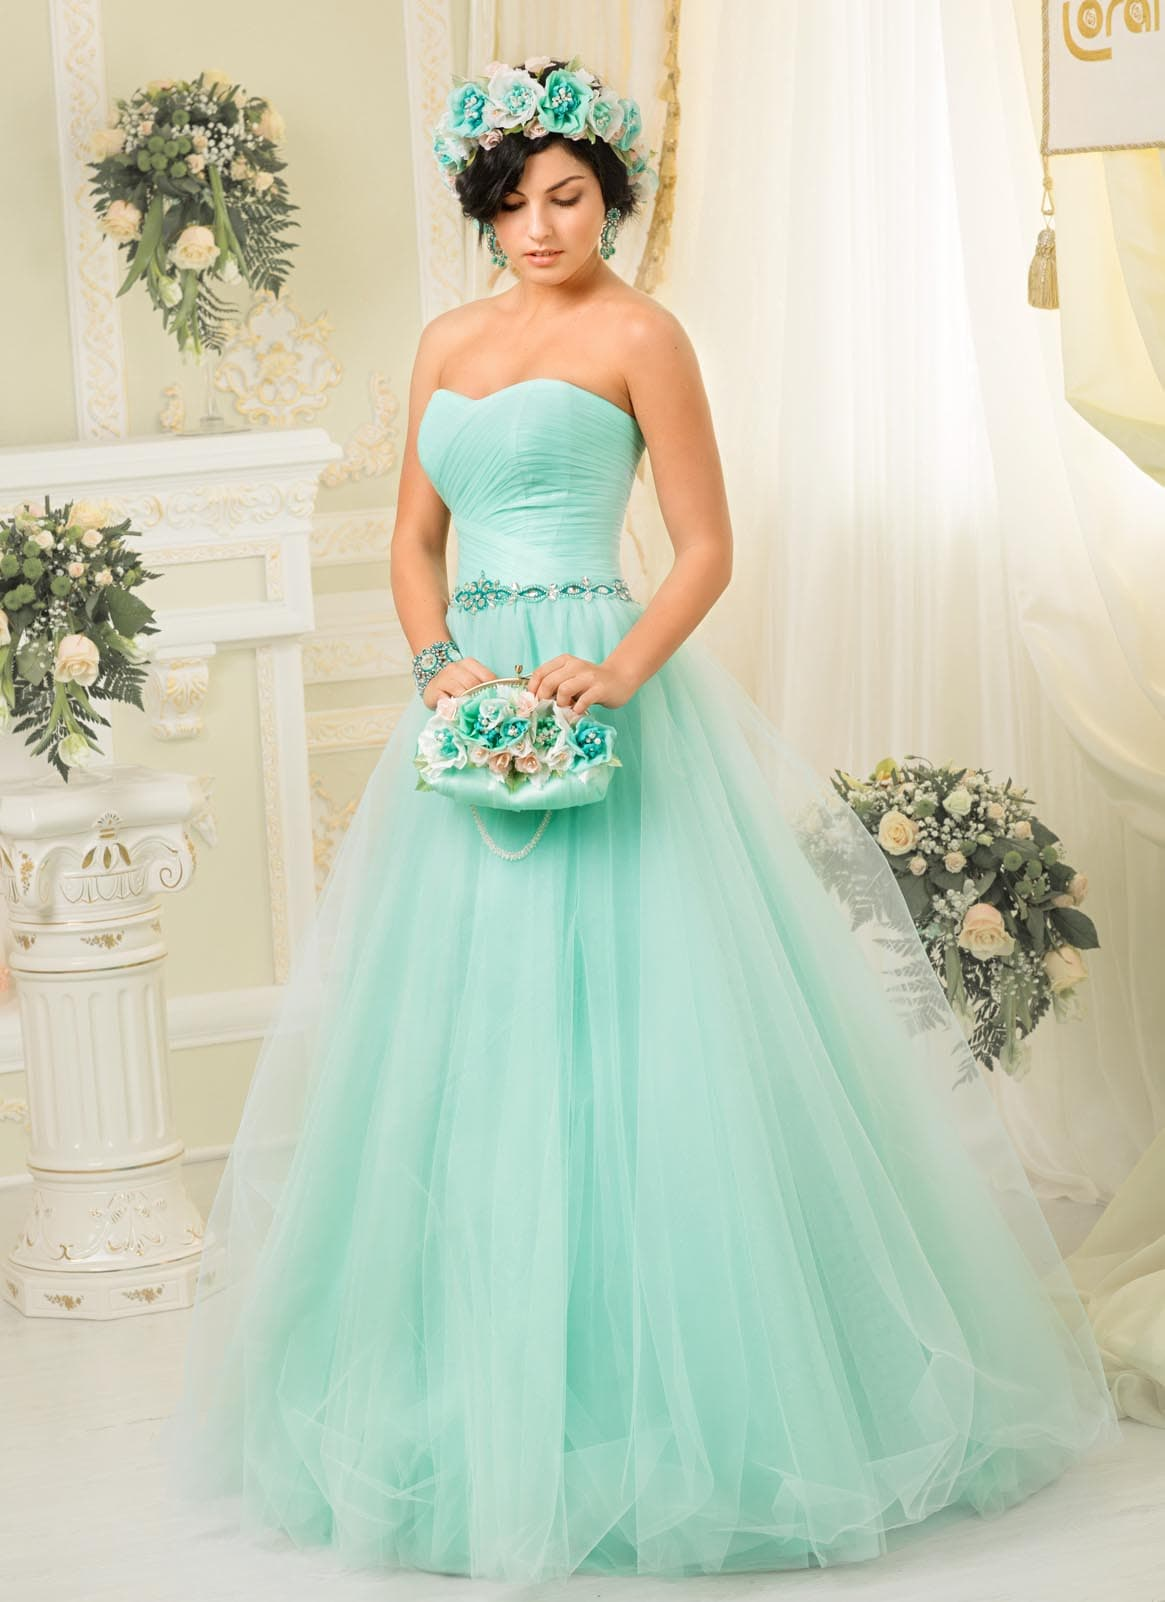 bd6f1575abe Необычное свадебное платье мятного цвета с открытым лифом в форме сердца и  пышной юбкой.